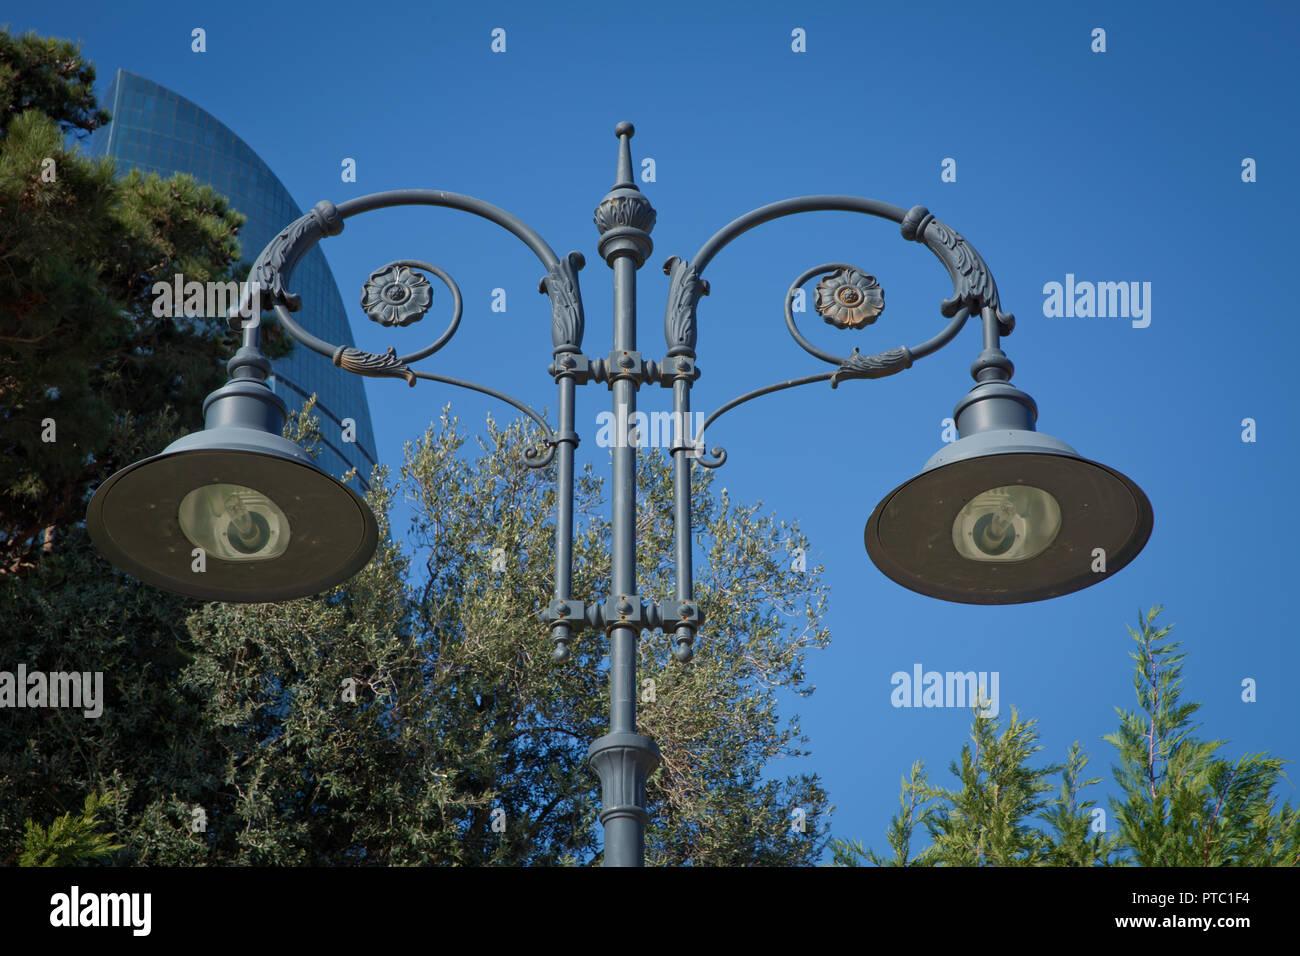 Lanterna Illuminazione : Lampione in vecchio stile sul cielo azzurro sfondo . illuminazione